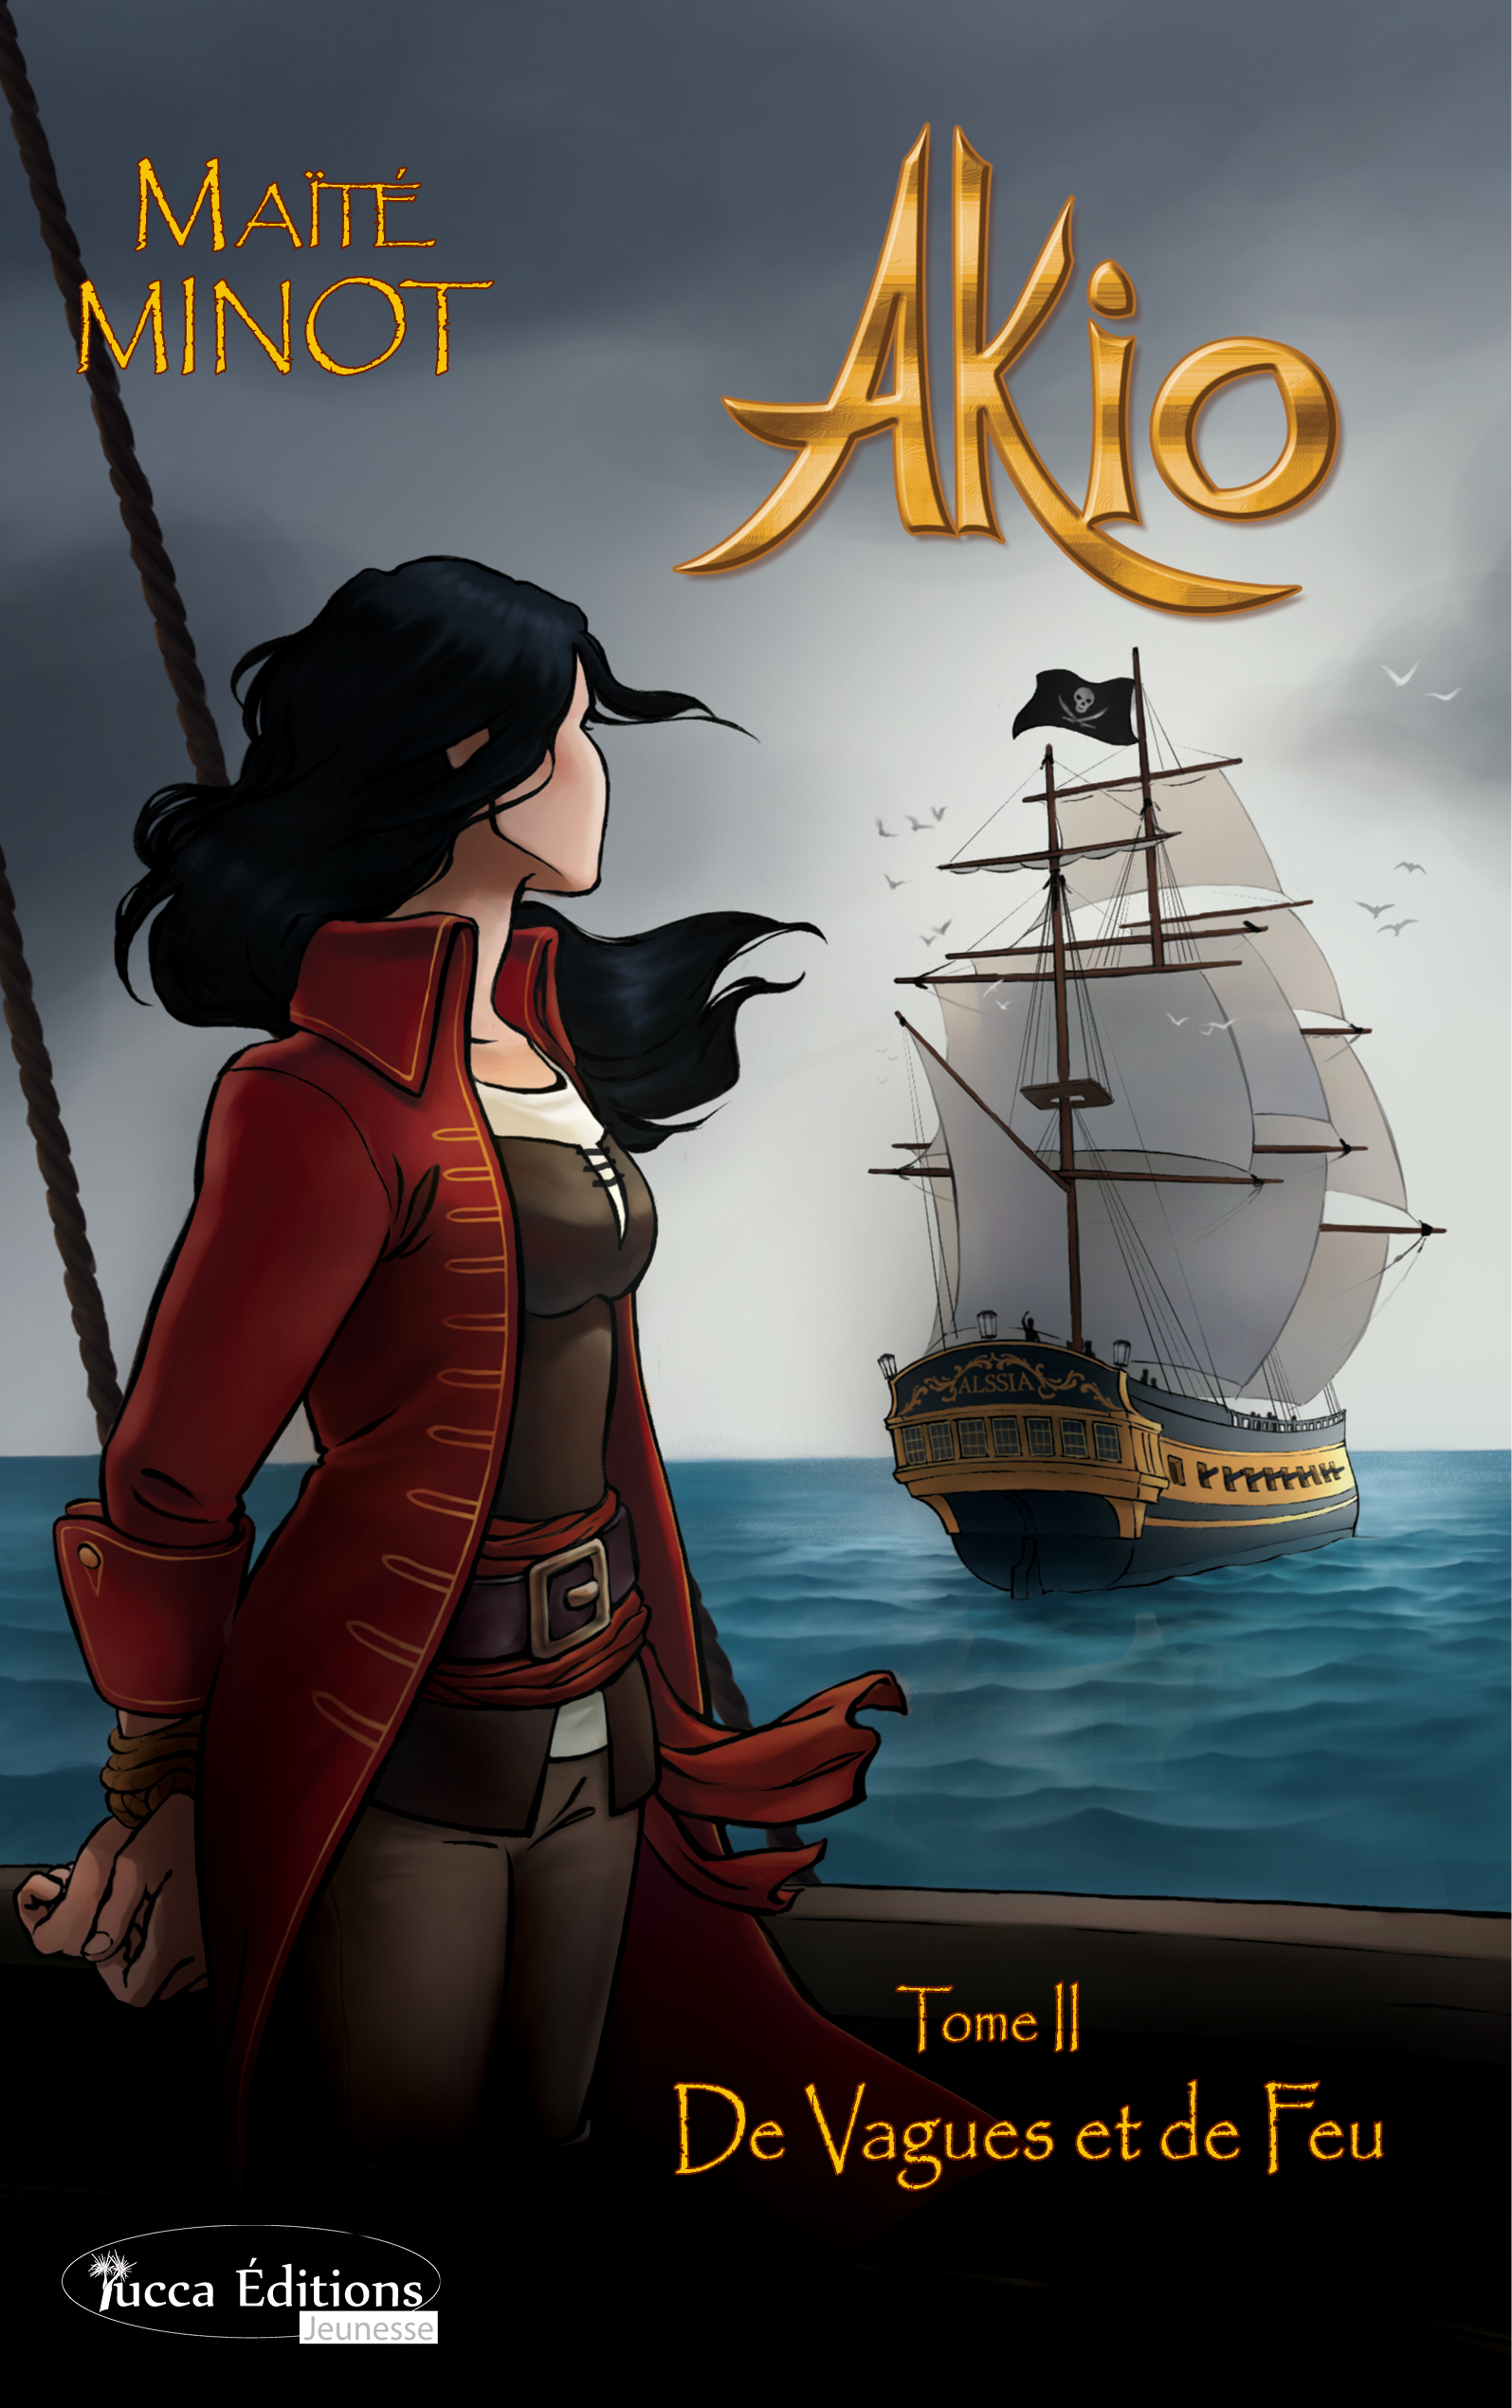 De Vagues et de Feu, Saga d'aventures fantasy